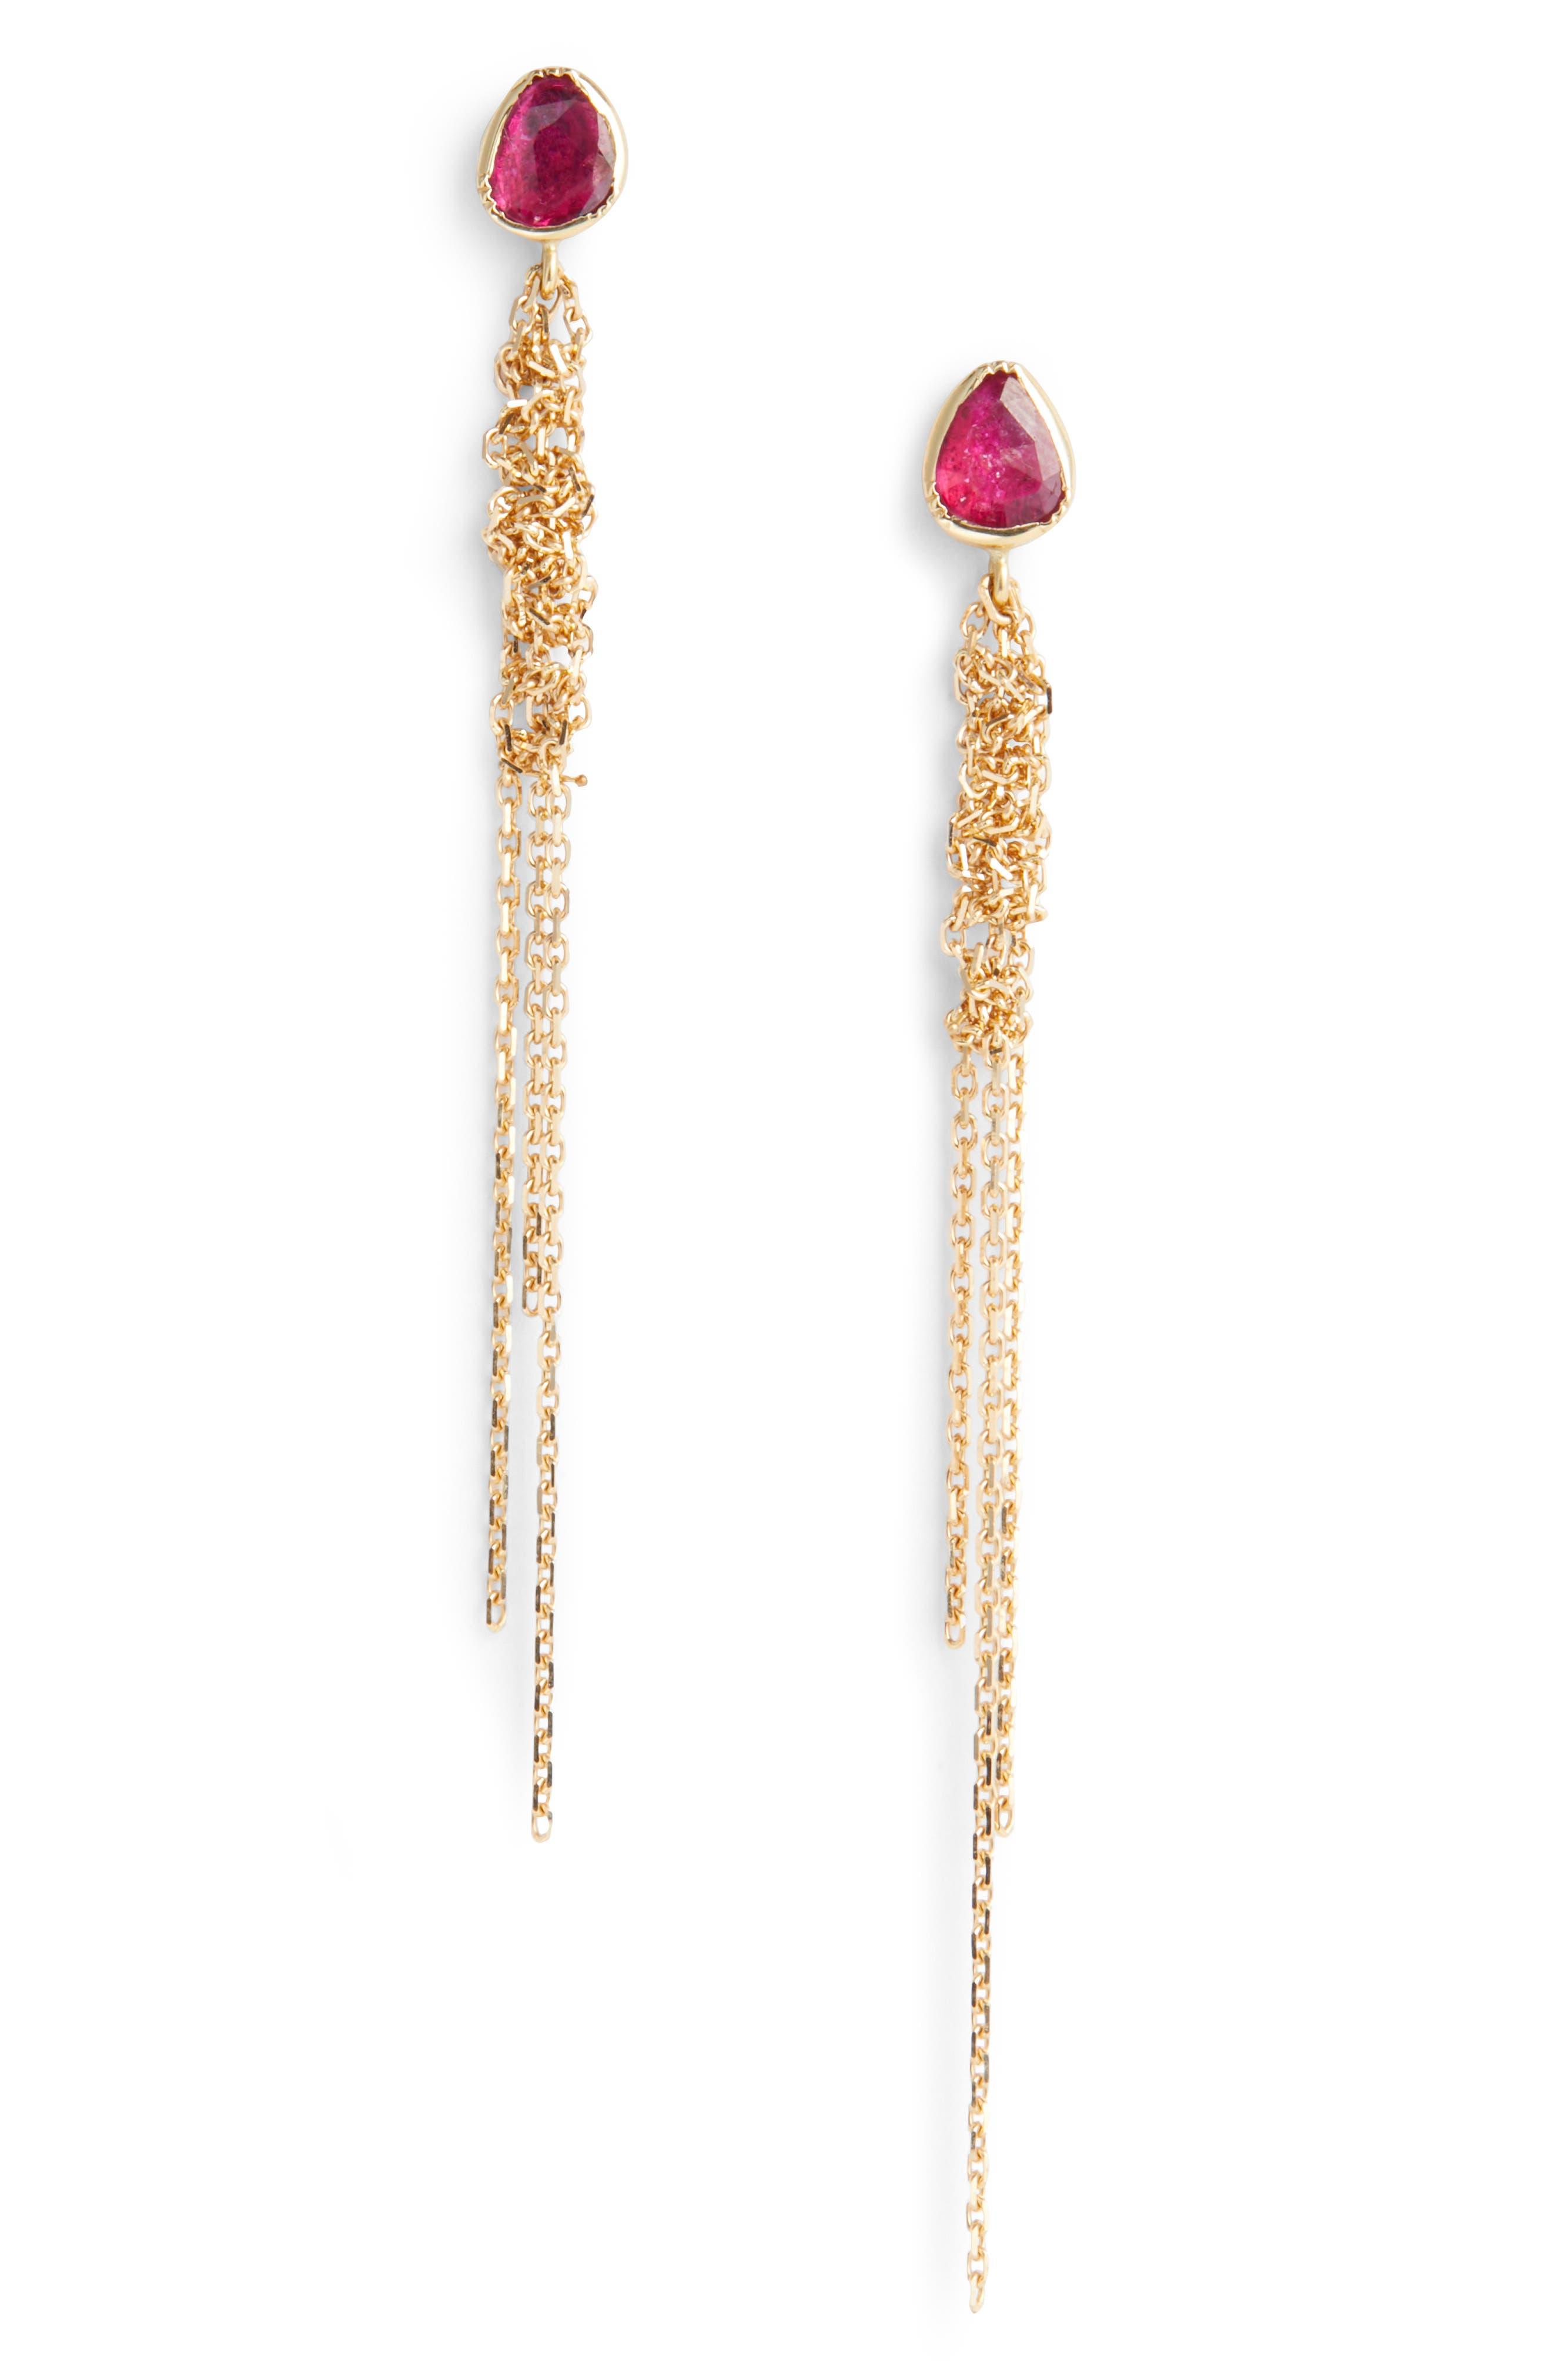 Brooke Gregson Waterfall Ruby Earrings